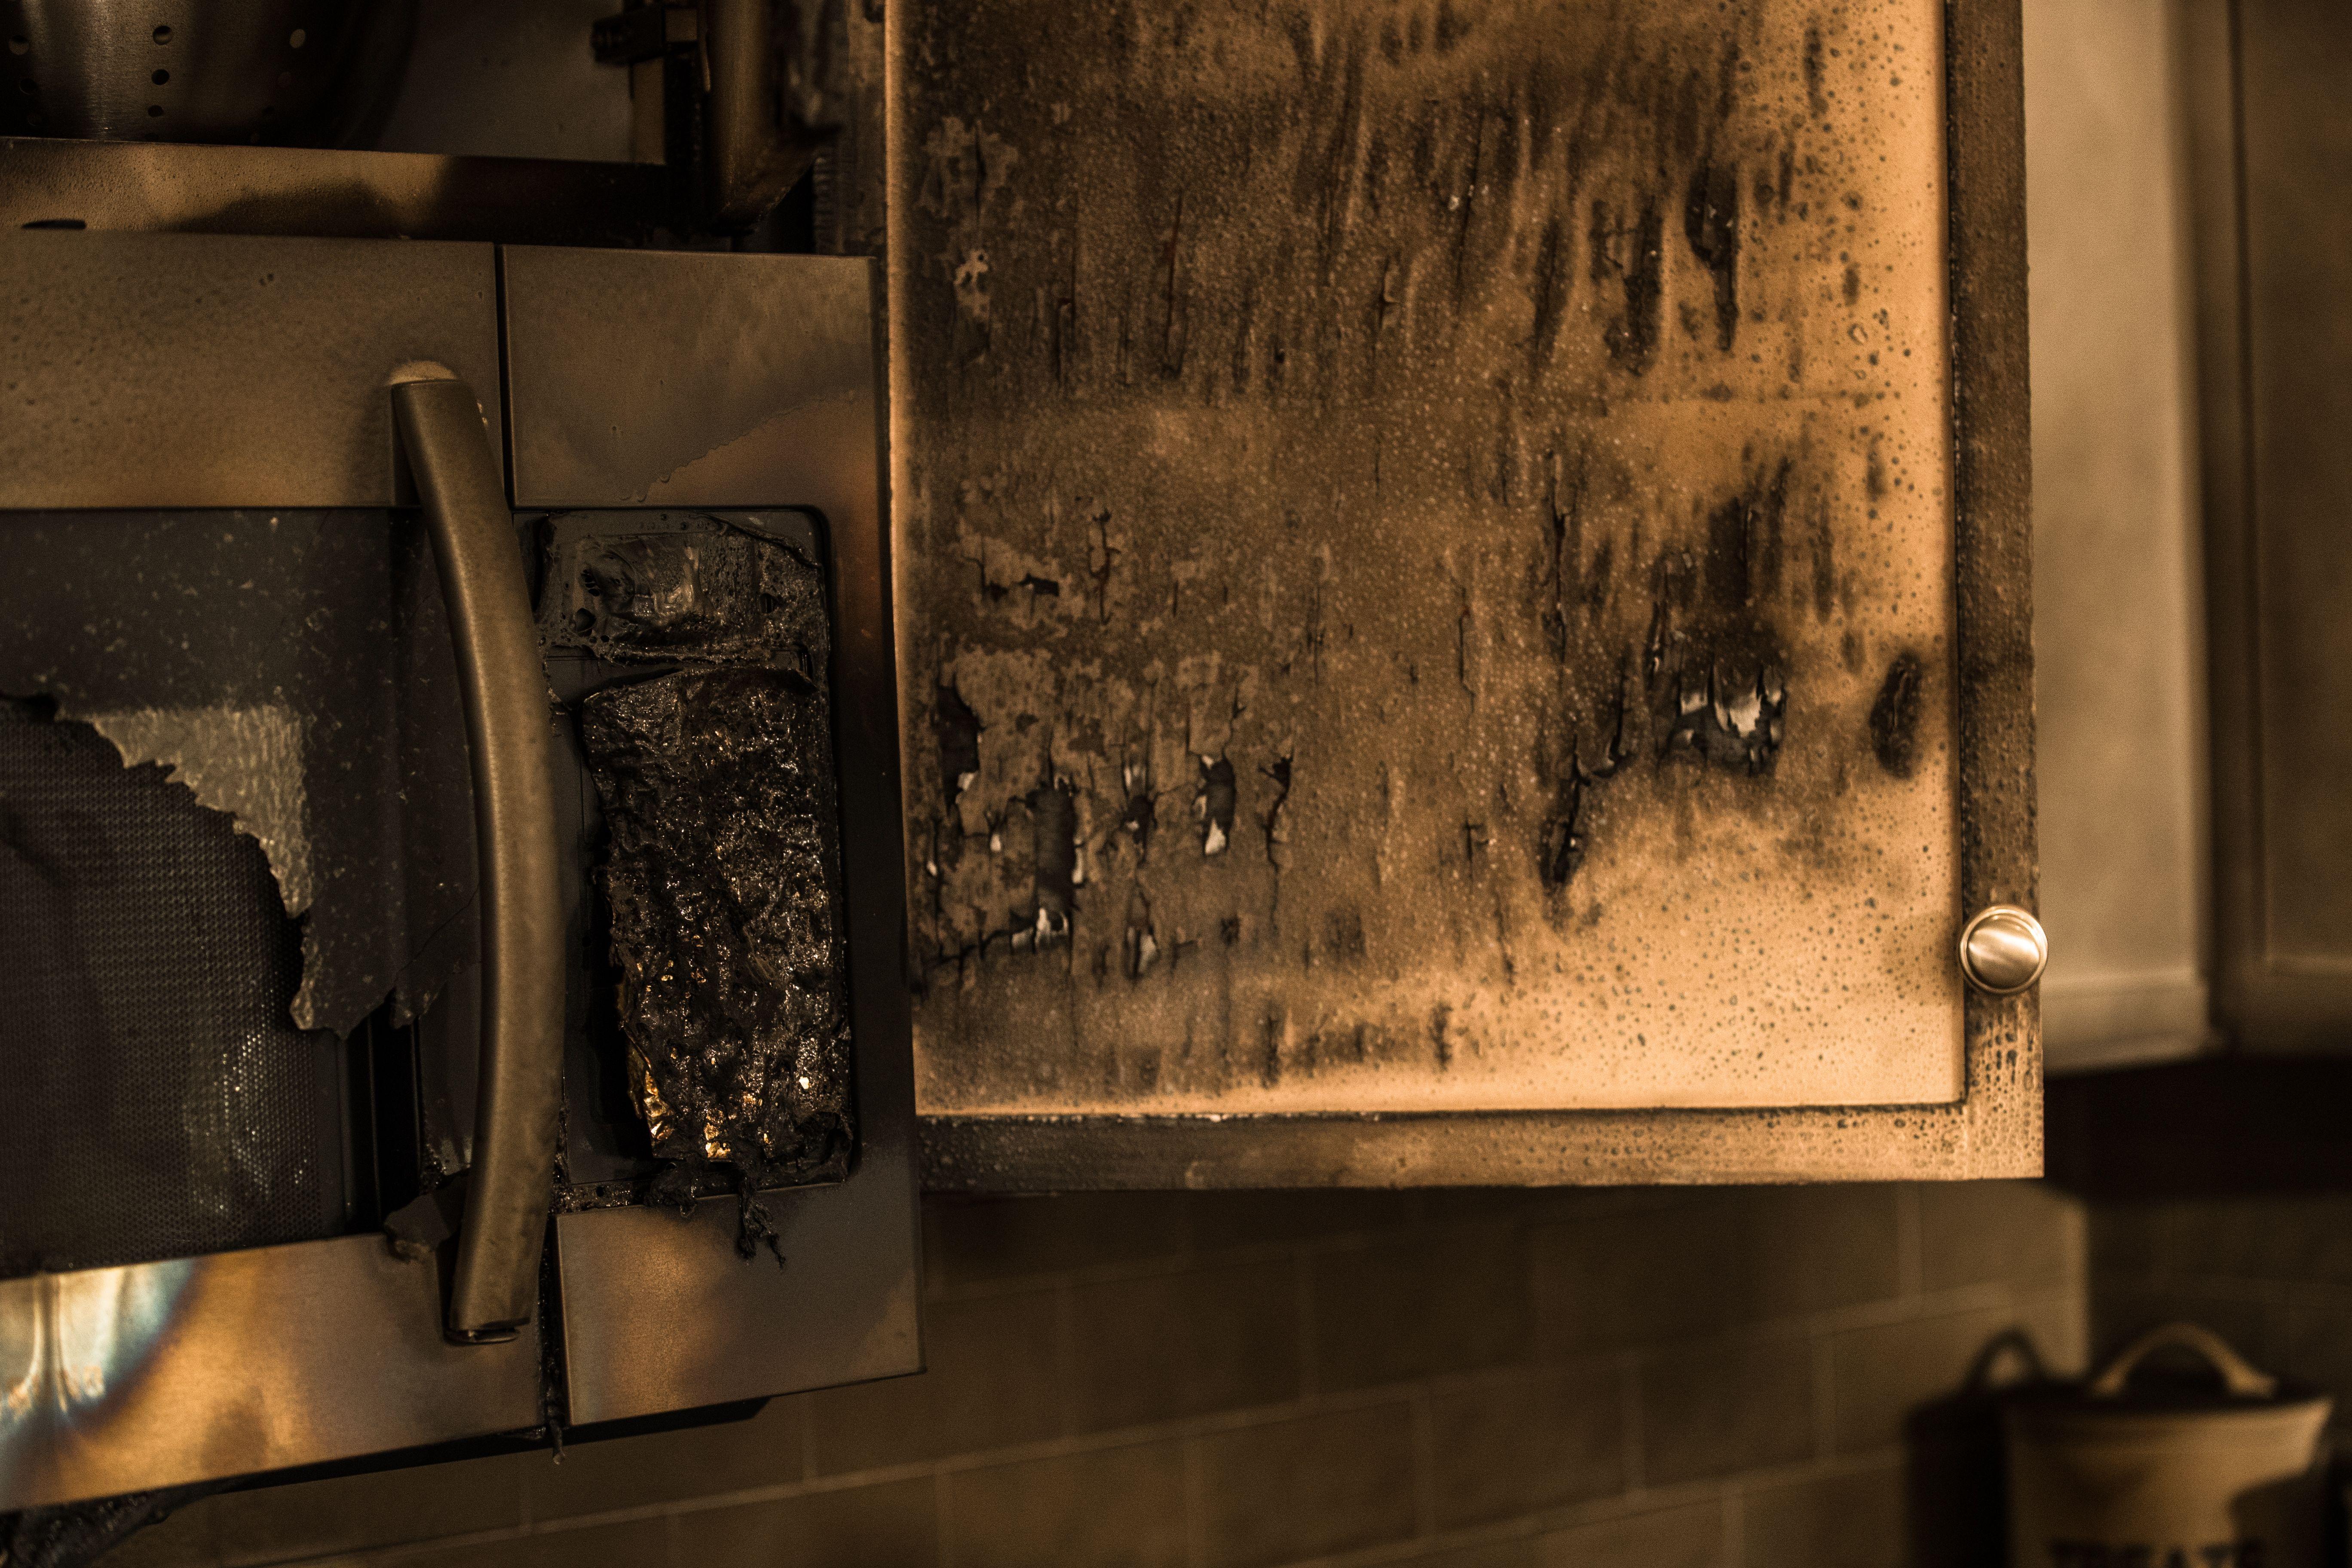 Fire Damage In 2020 Damage Restoration Fire Damage House Restoration